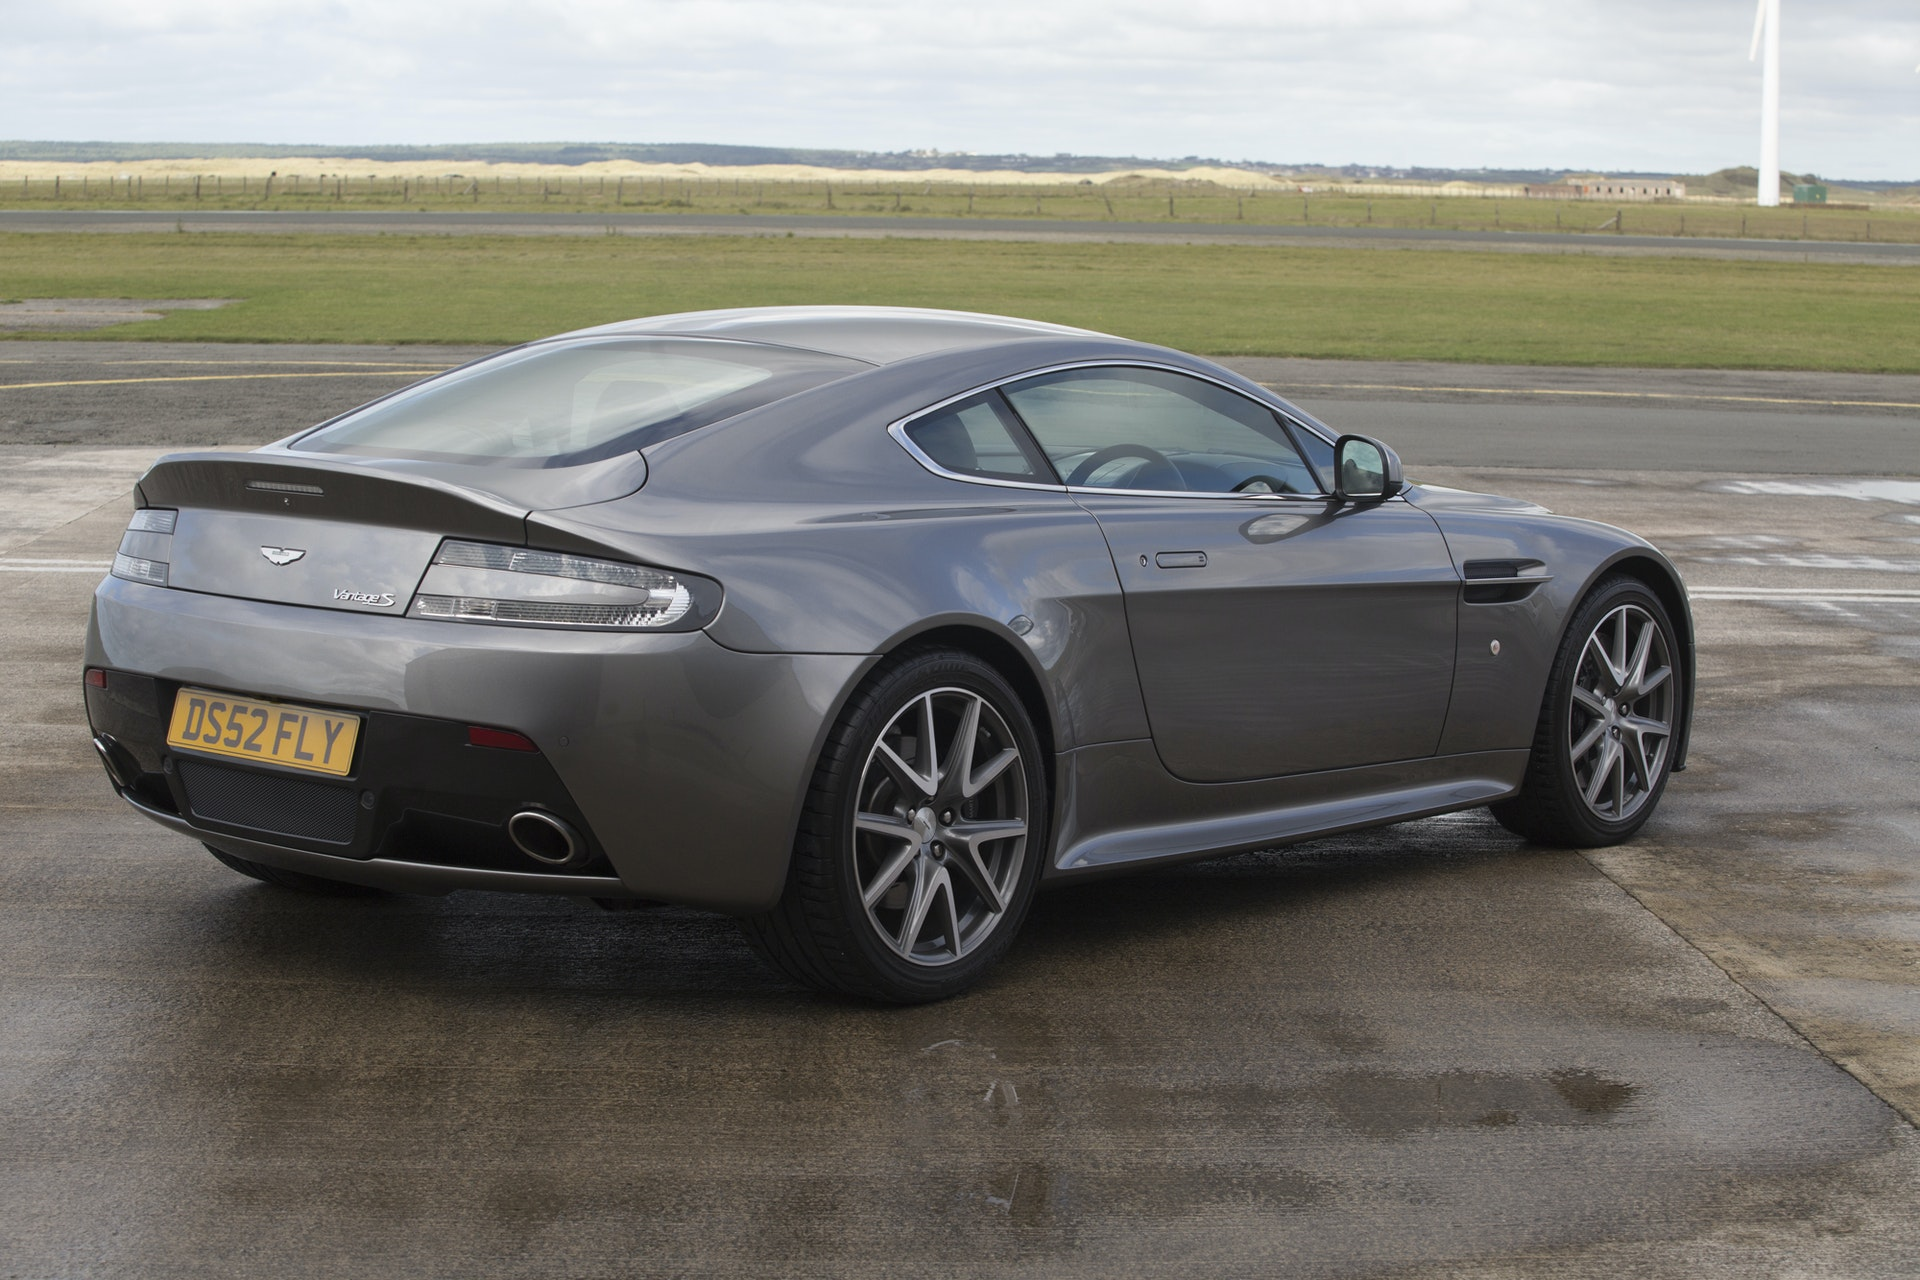 2013 Aston Martin V8 Vantage S 6 Speed Manual